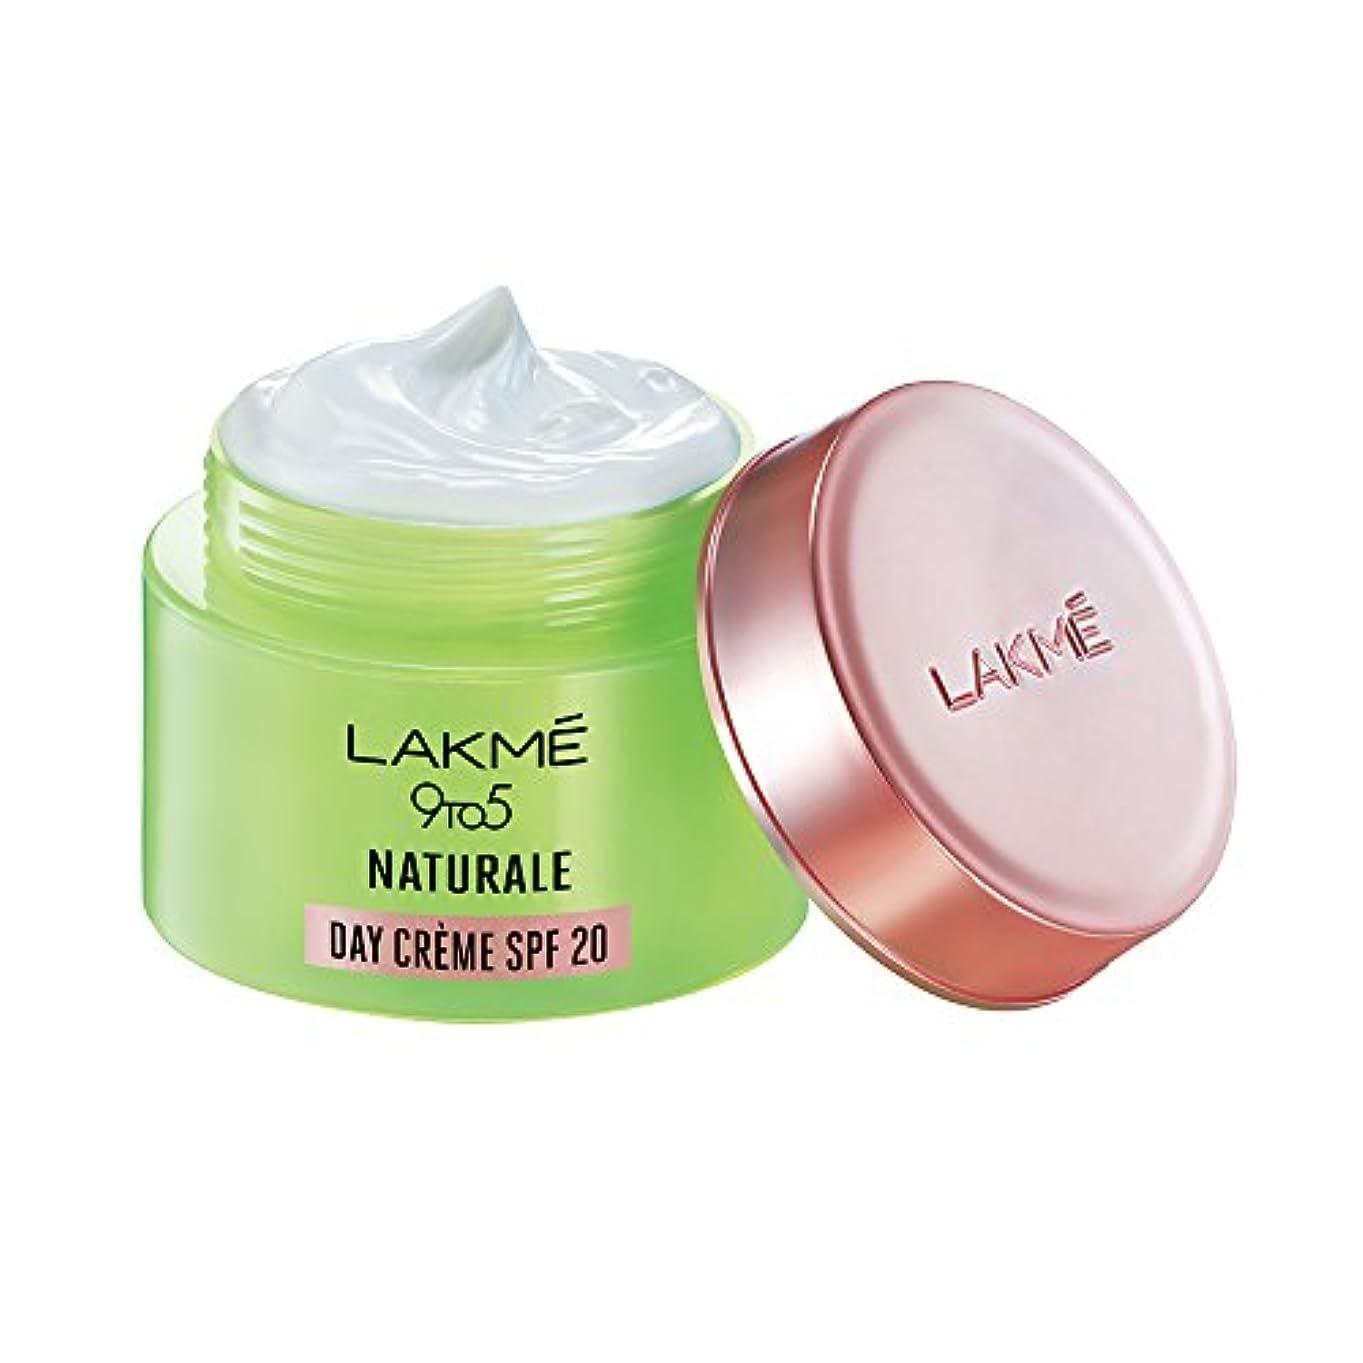 カートトイレ赤道Lakme 9 to 5 Naturale Day Creme SPF 20, 50 g